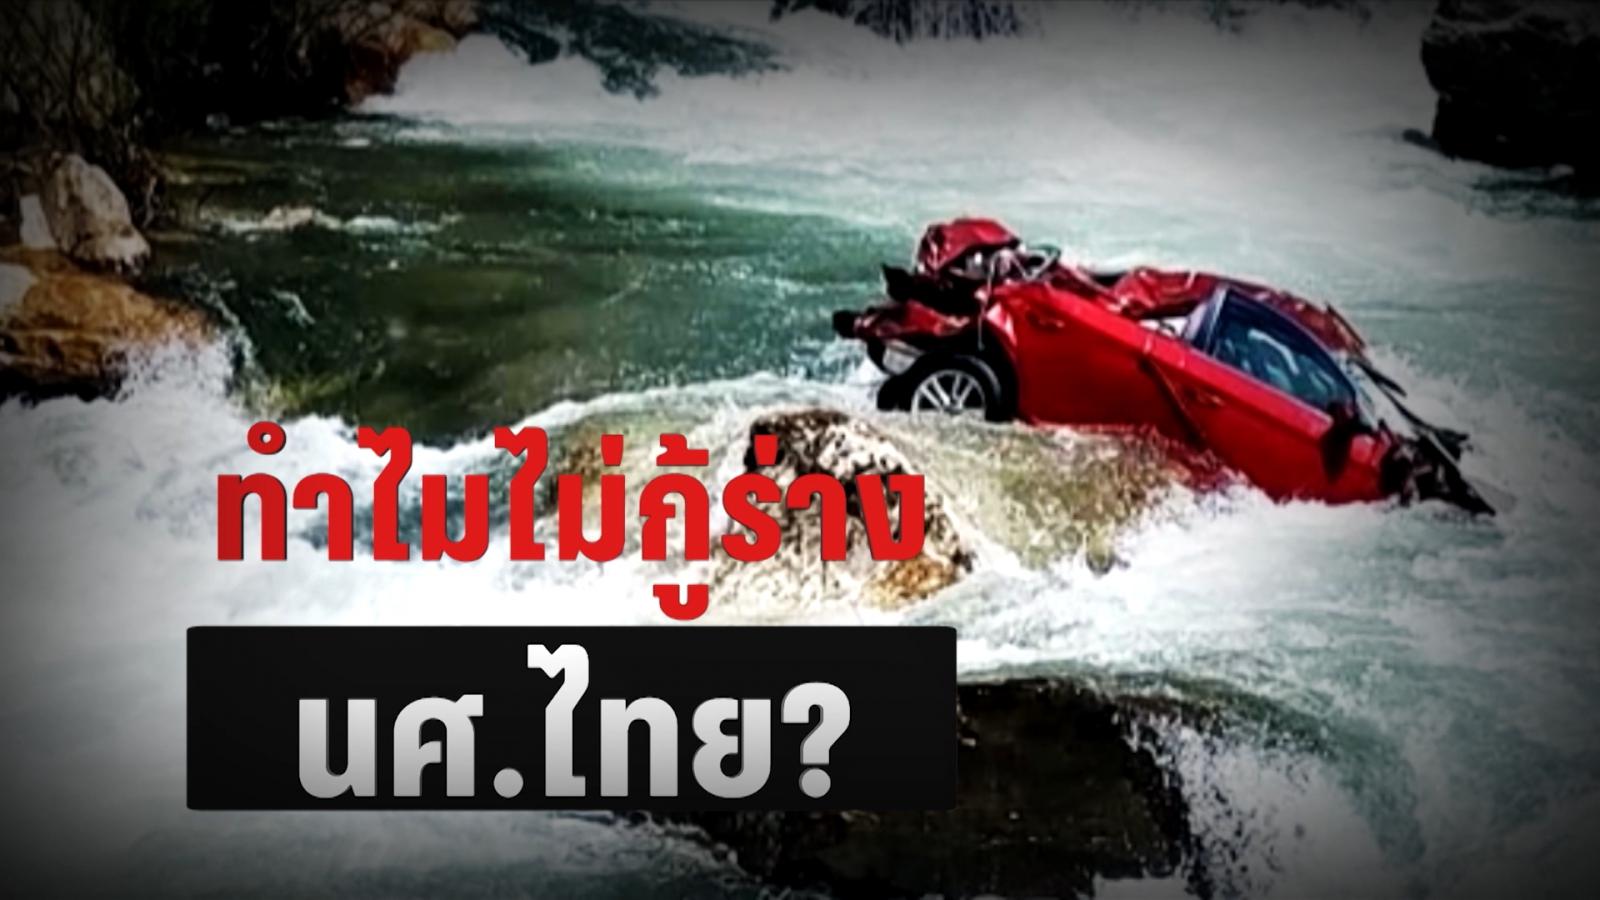 """""""นักปีนเขาไทย"""" อาสาลุยเอง กู้ร่าง 2 นศ. – """"ผู้เชี่ยวชาญ"""" เบรก ทำจริงไม่ได้ผิดกม.สหรัฐ"""